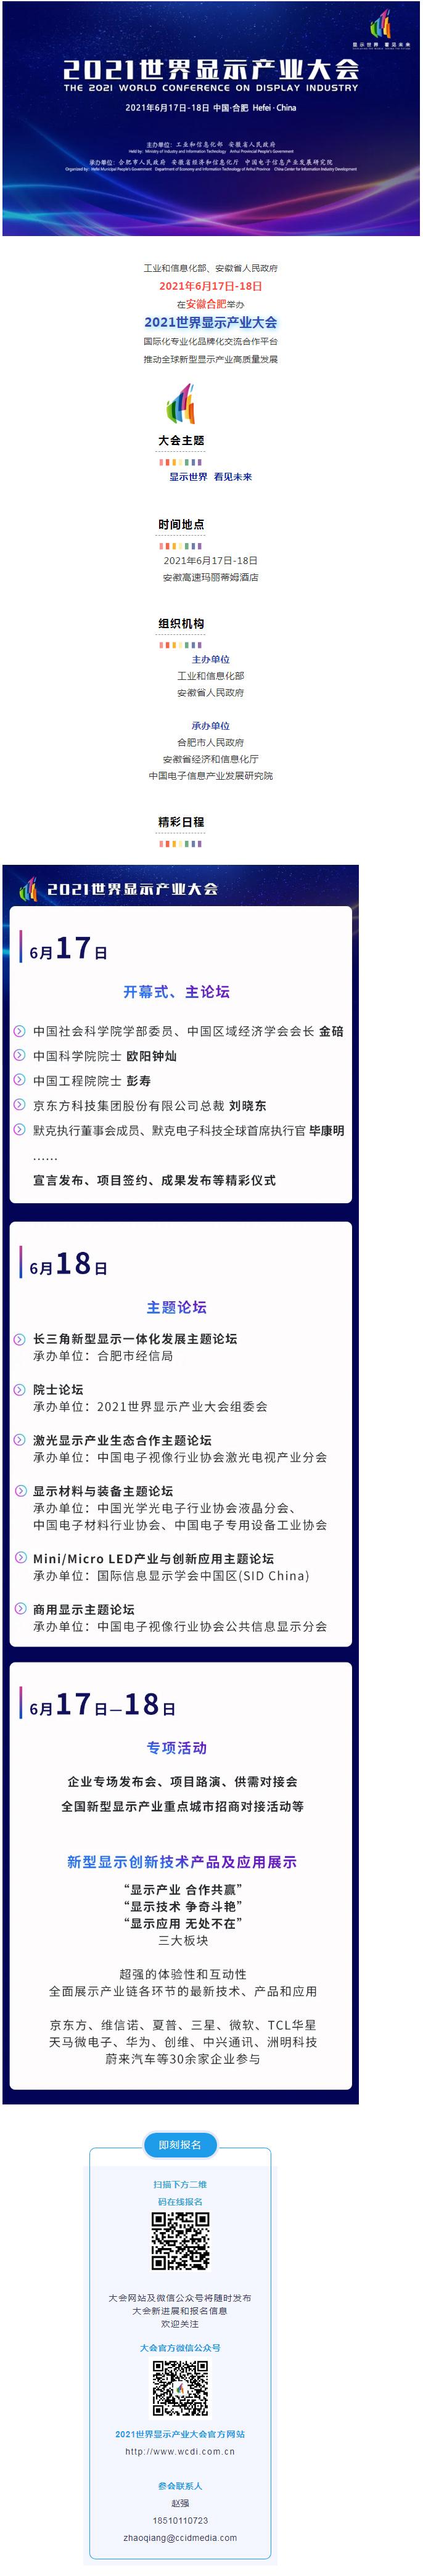 官宣:2021世界显示产业大会将于6月17-18日在合肥举办.jpg